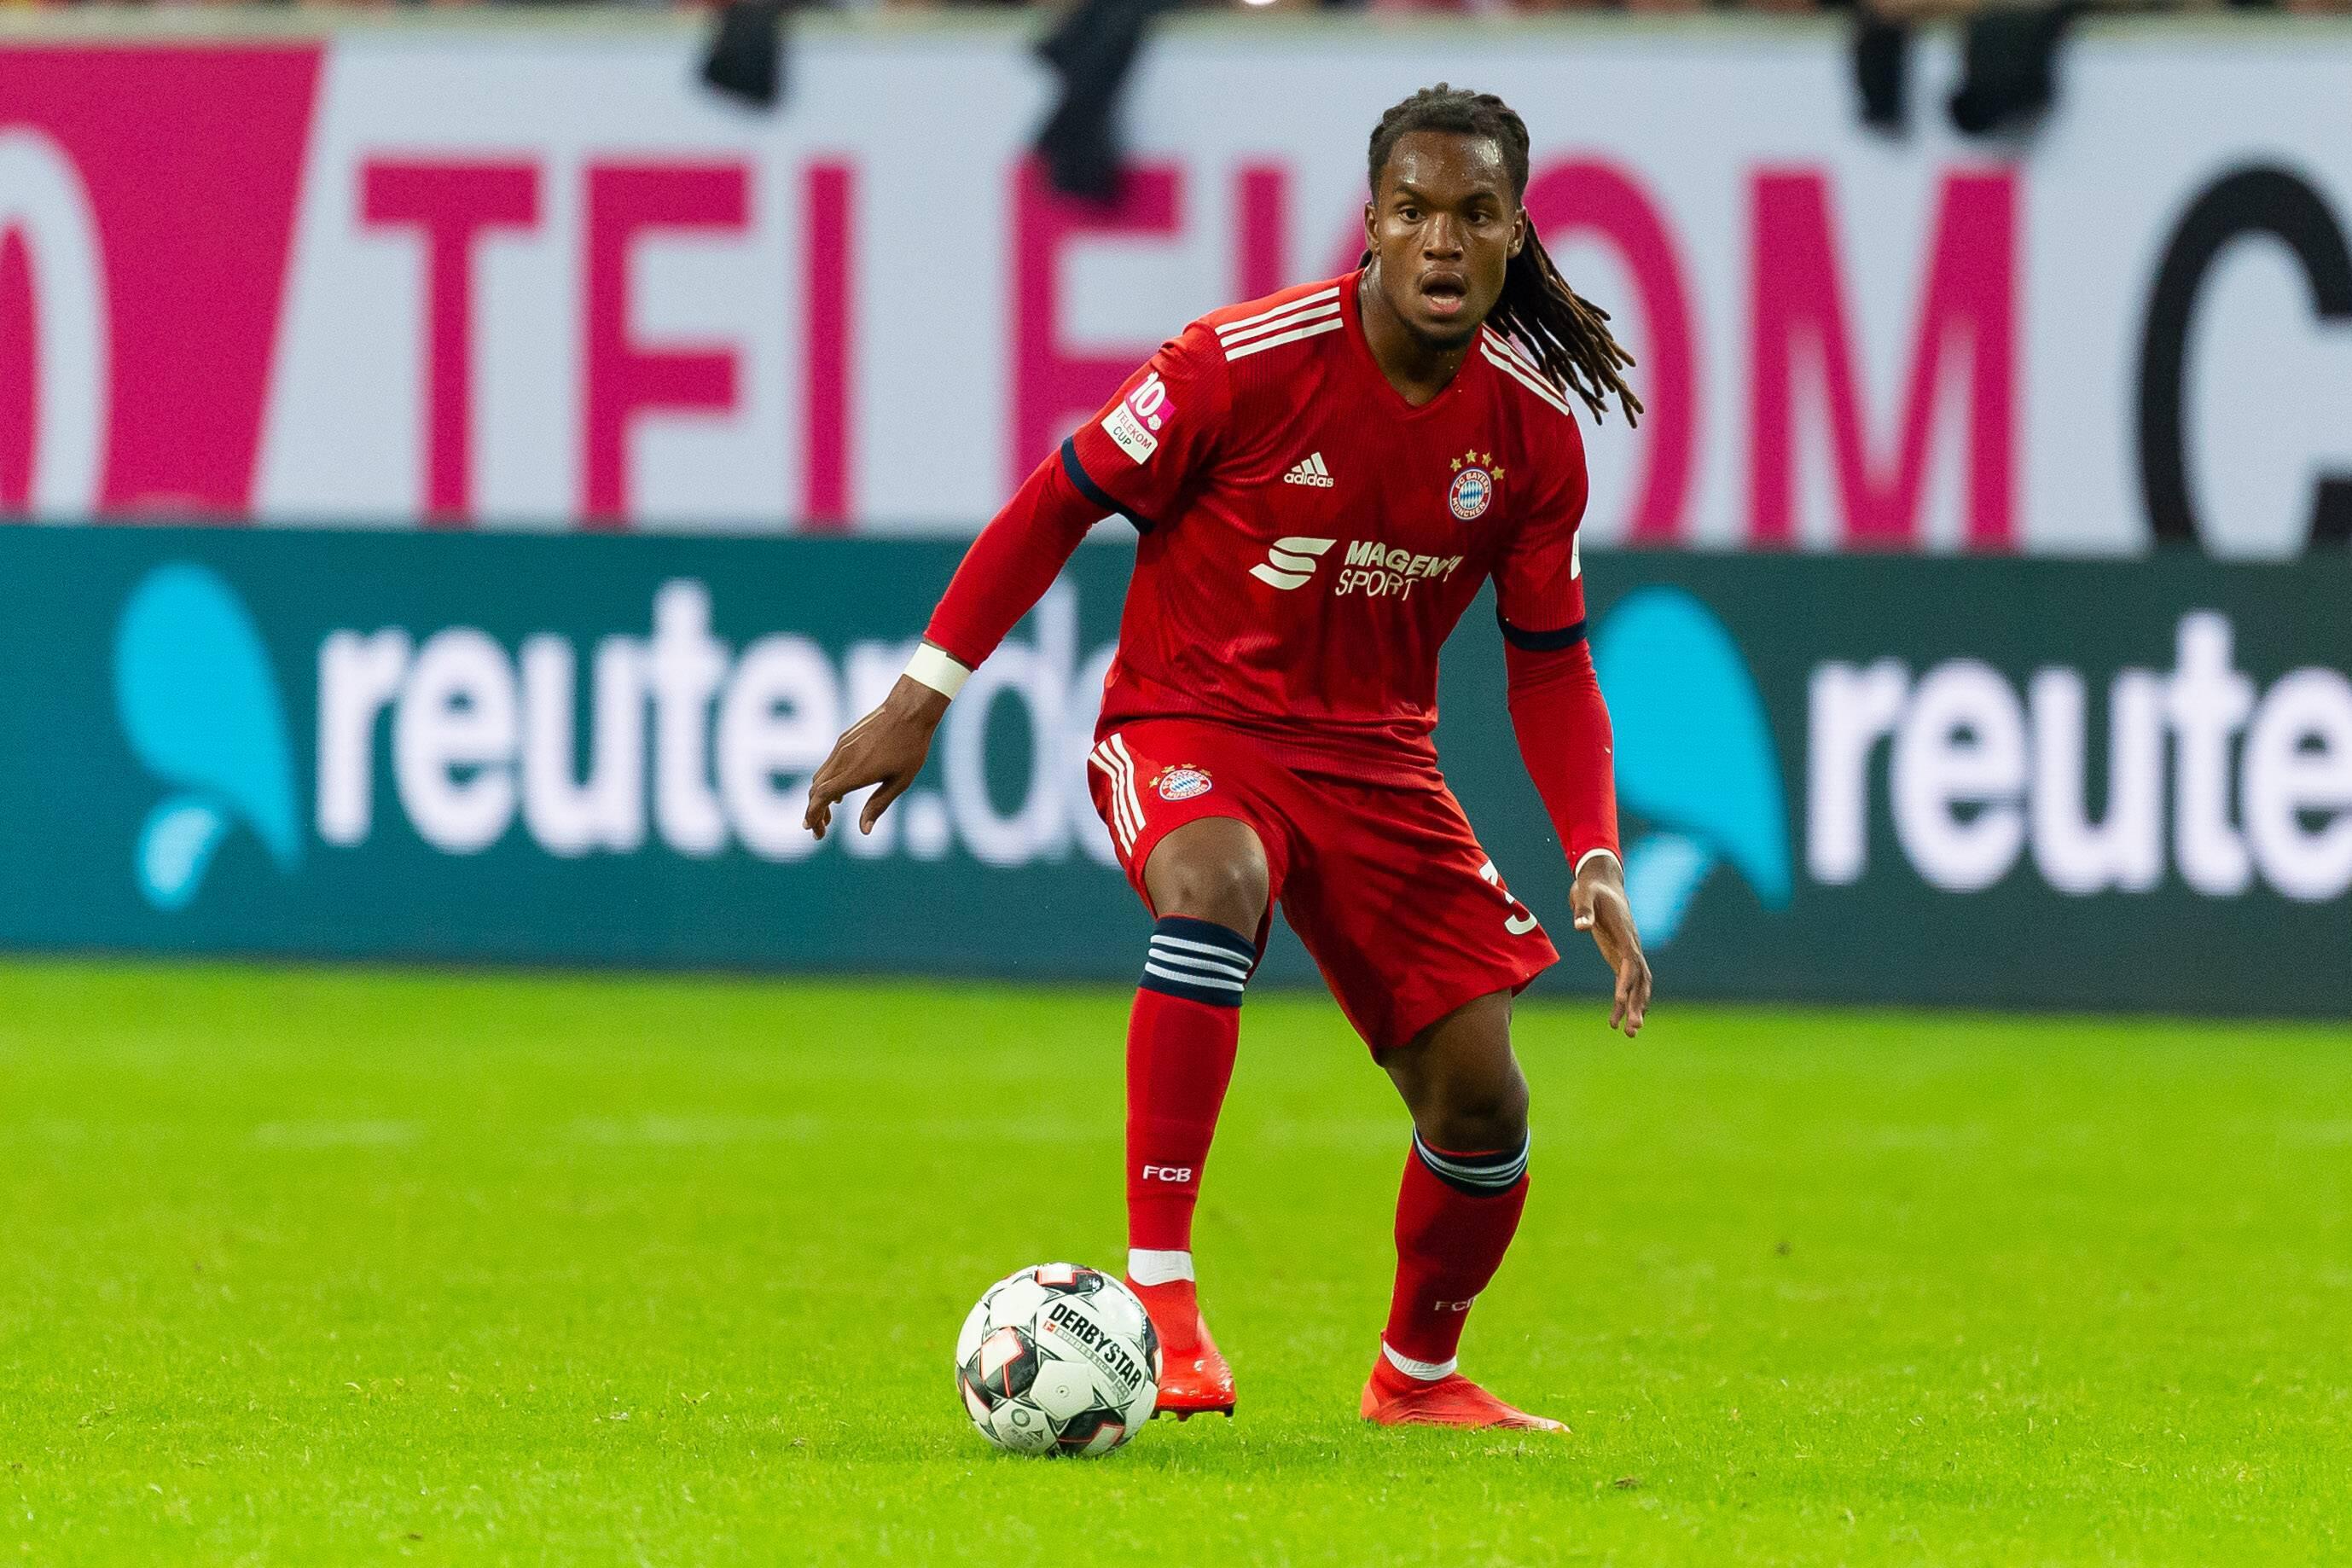 Bild zu FCB, Bayern, München, Sanches, Kovas, Bundesliga, Paris, Tuchel, PSG, Fußball